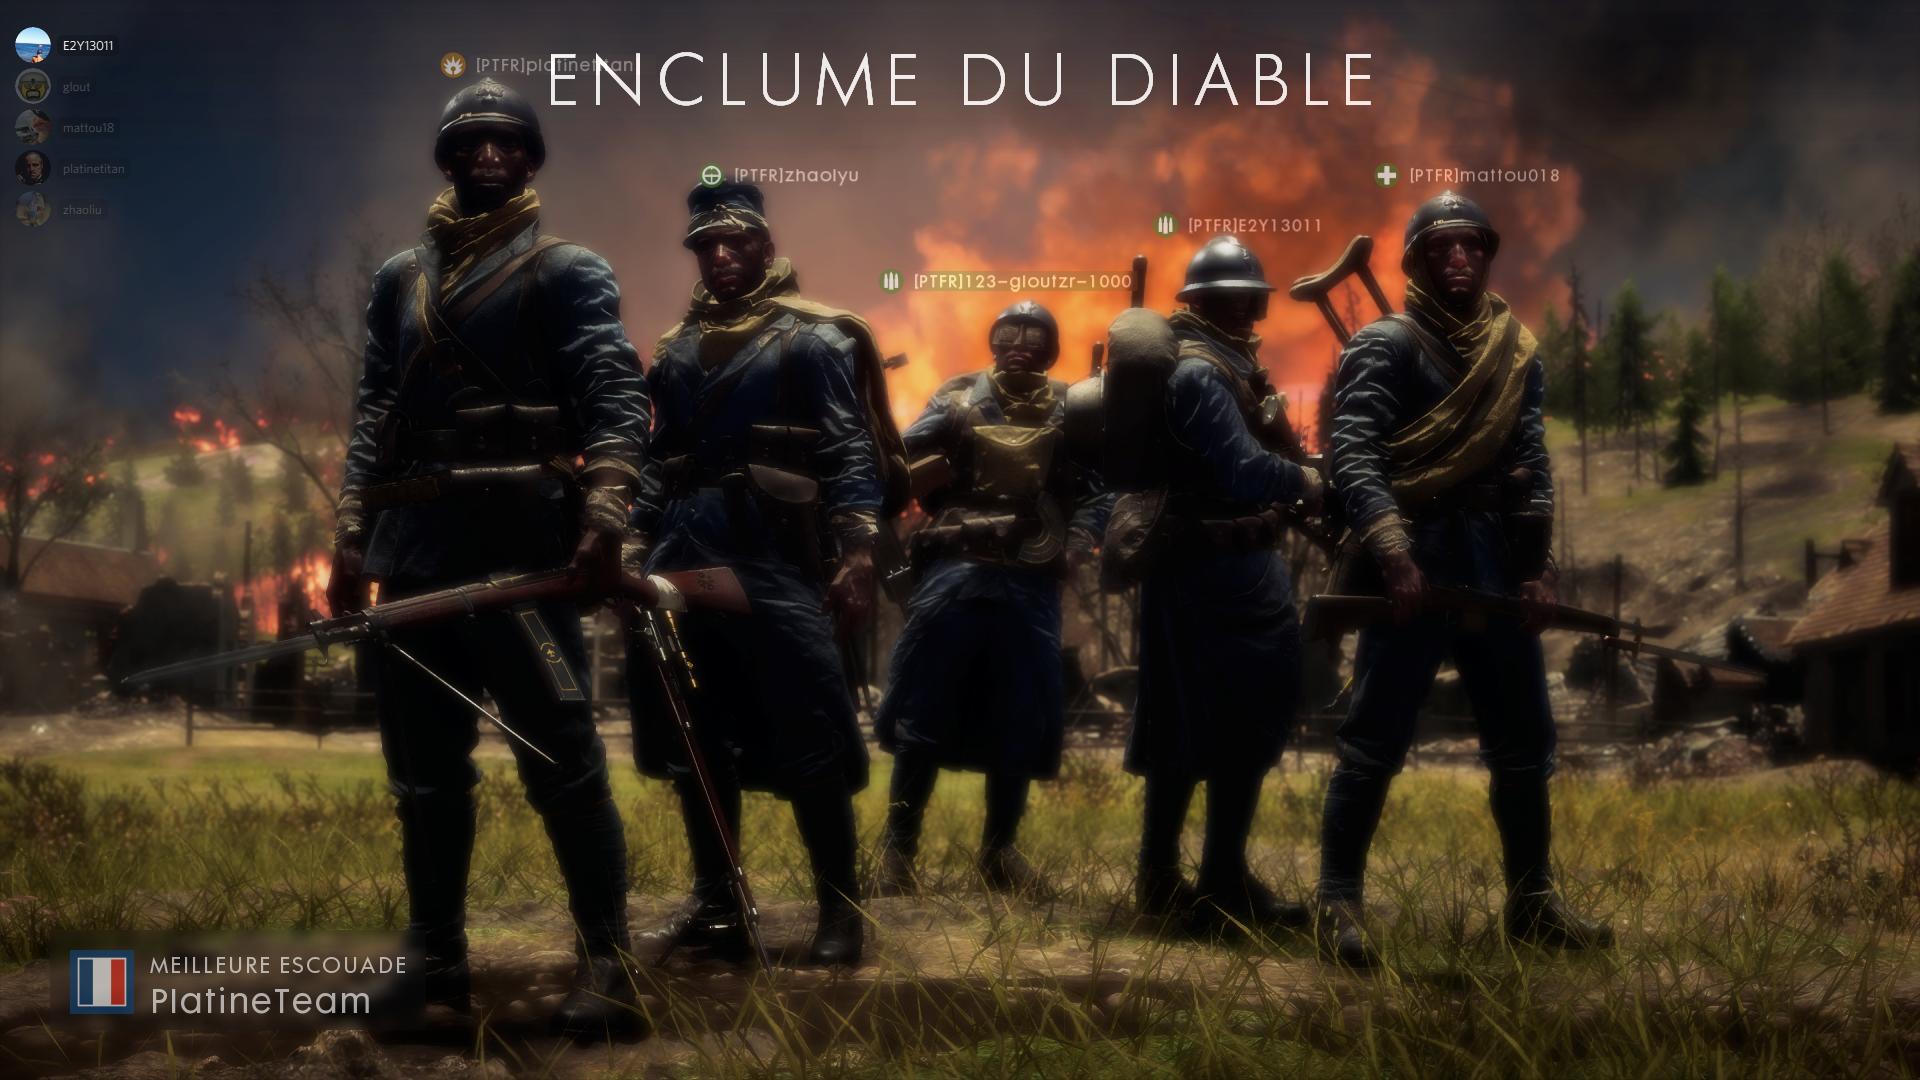 Battlefield_1_Screenshot_2018.01.12_-_16.22.41.27.png